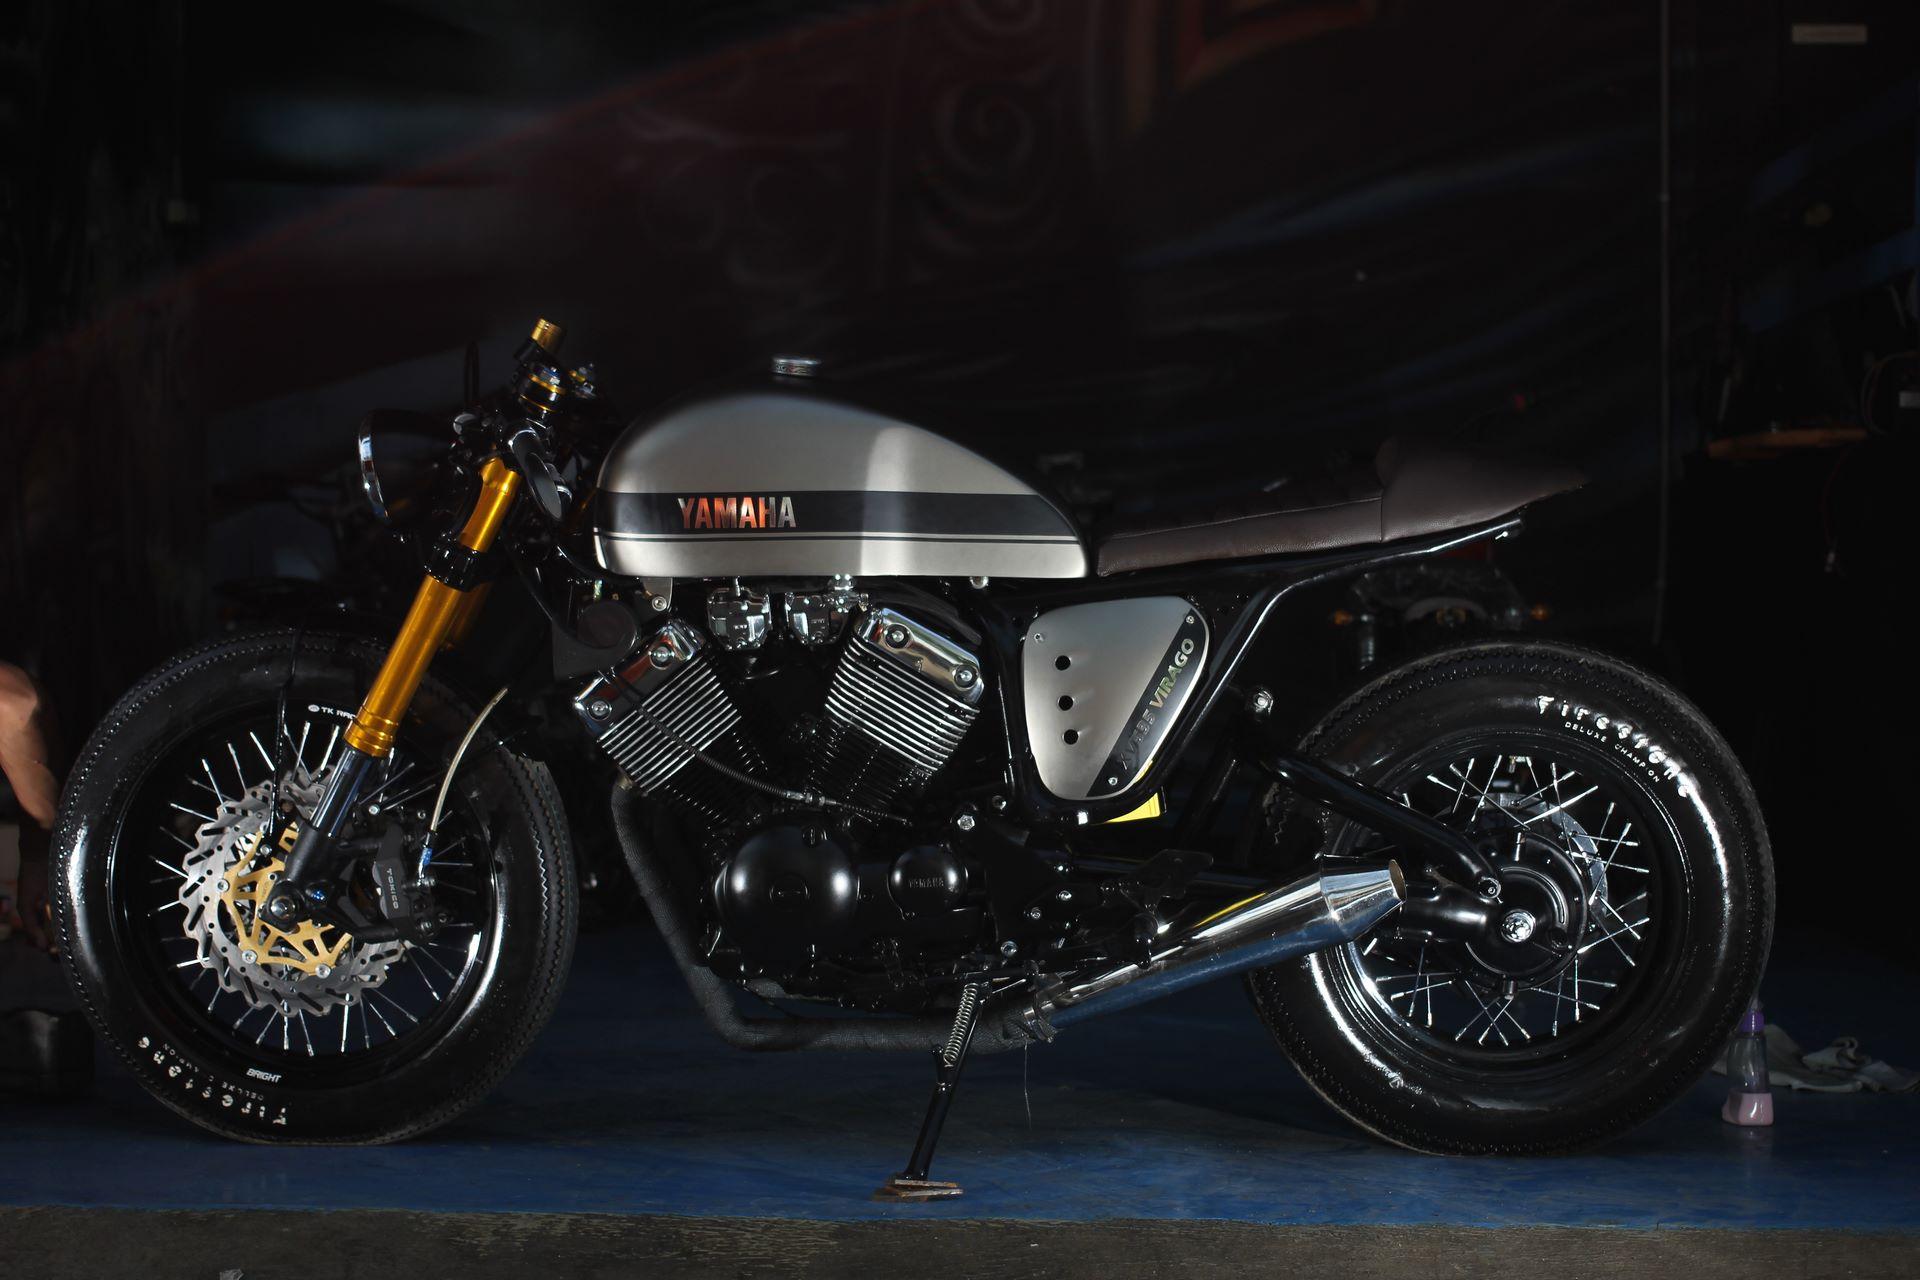 yamaha virago 535 the clyro cafe racer studio motor. Black Bedroom Furniture Sets. Home Design Ideas